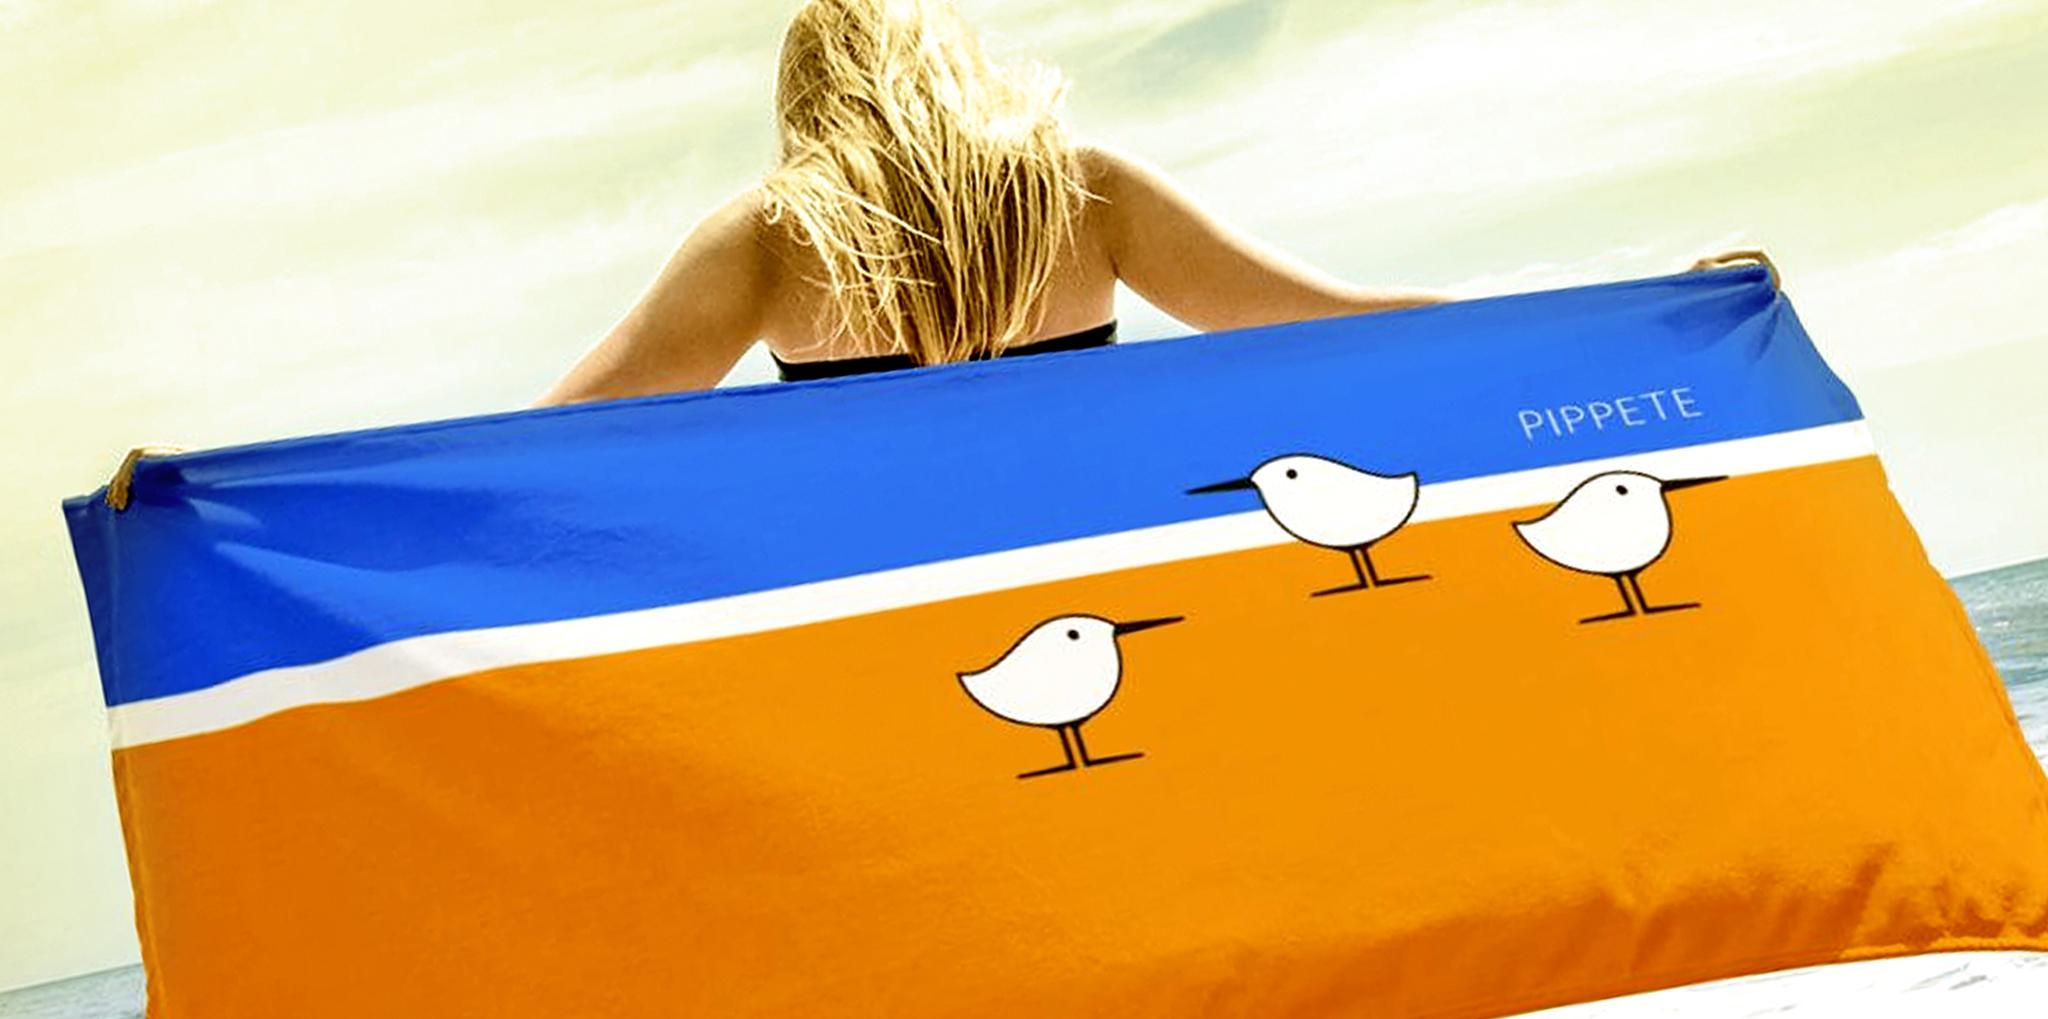 Beach_Bird_Collection-Super_Soft_Oversized_Beach_Towel-PIPPETE-B-S.jpg